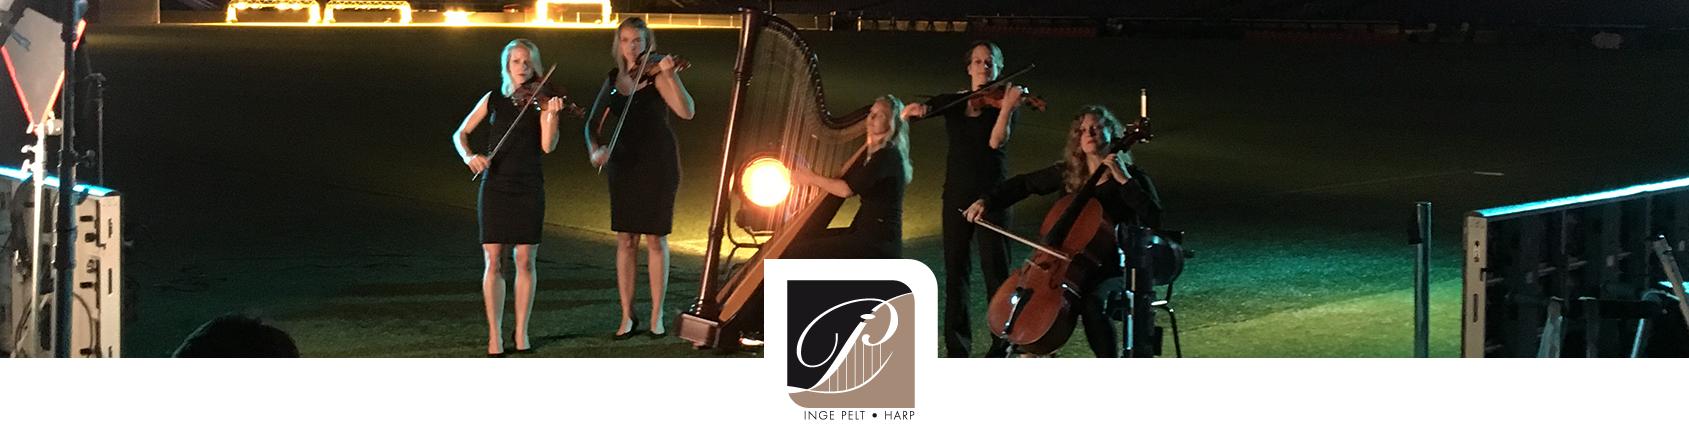 commercial inspelen harpiste